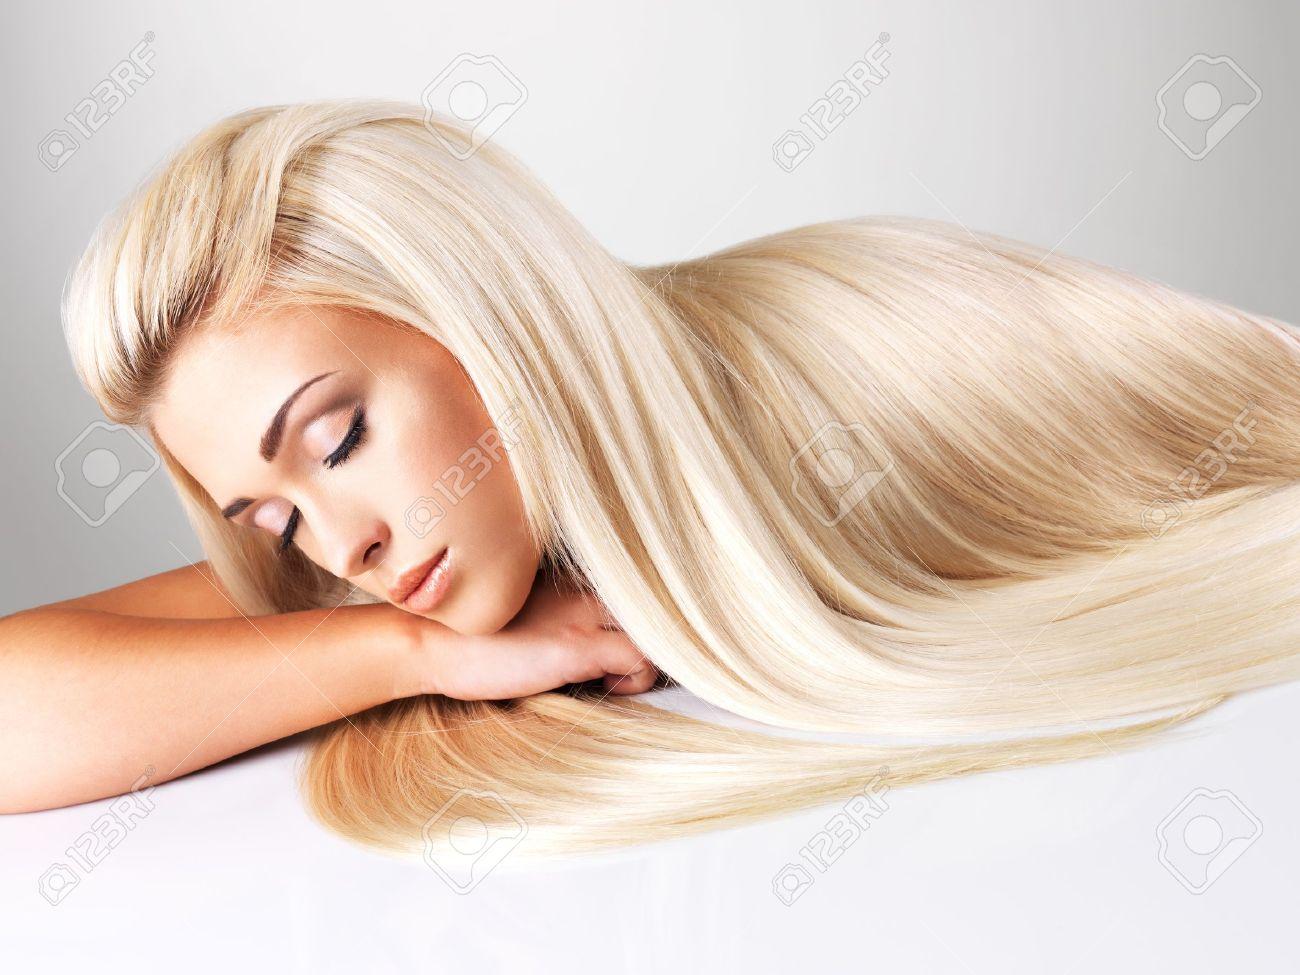 Пышные блондинки с длинными волосами 19 фотография